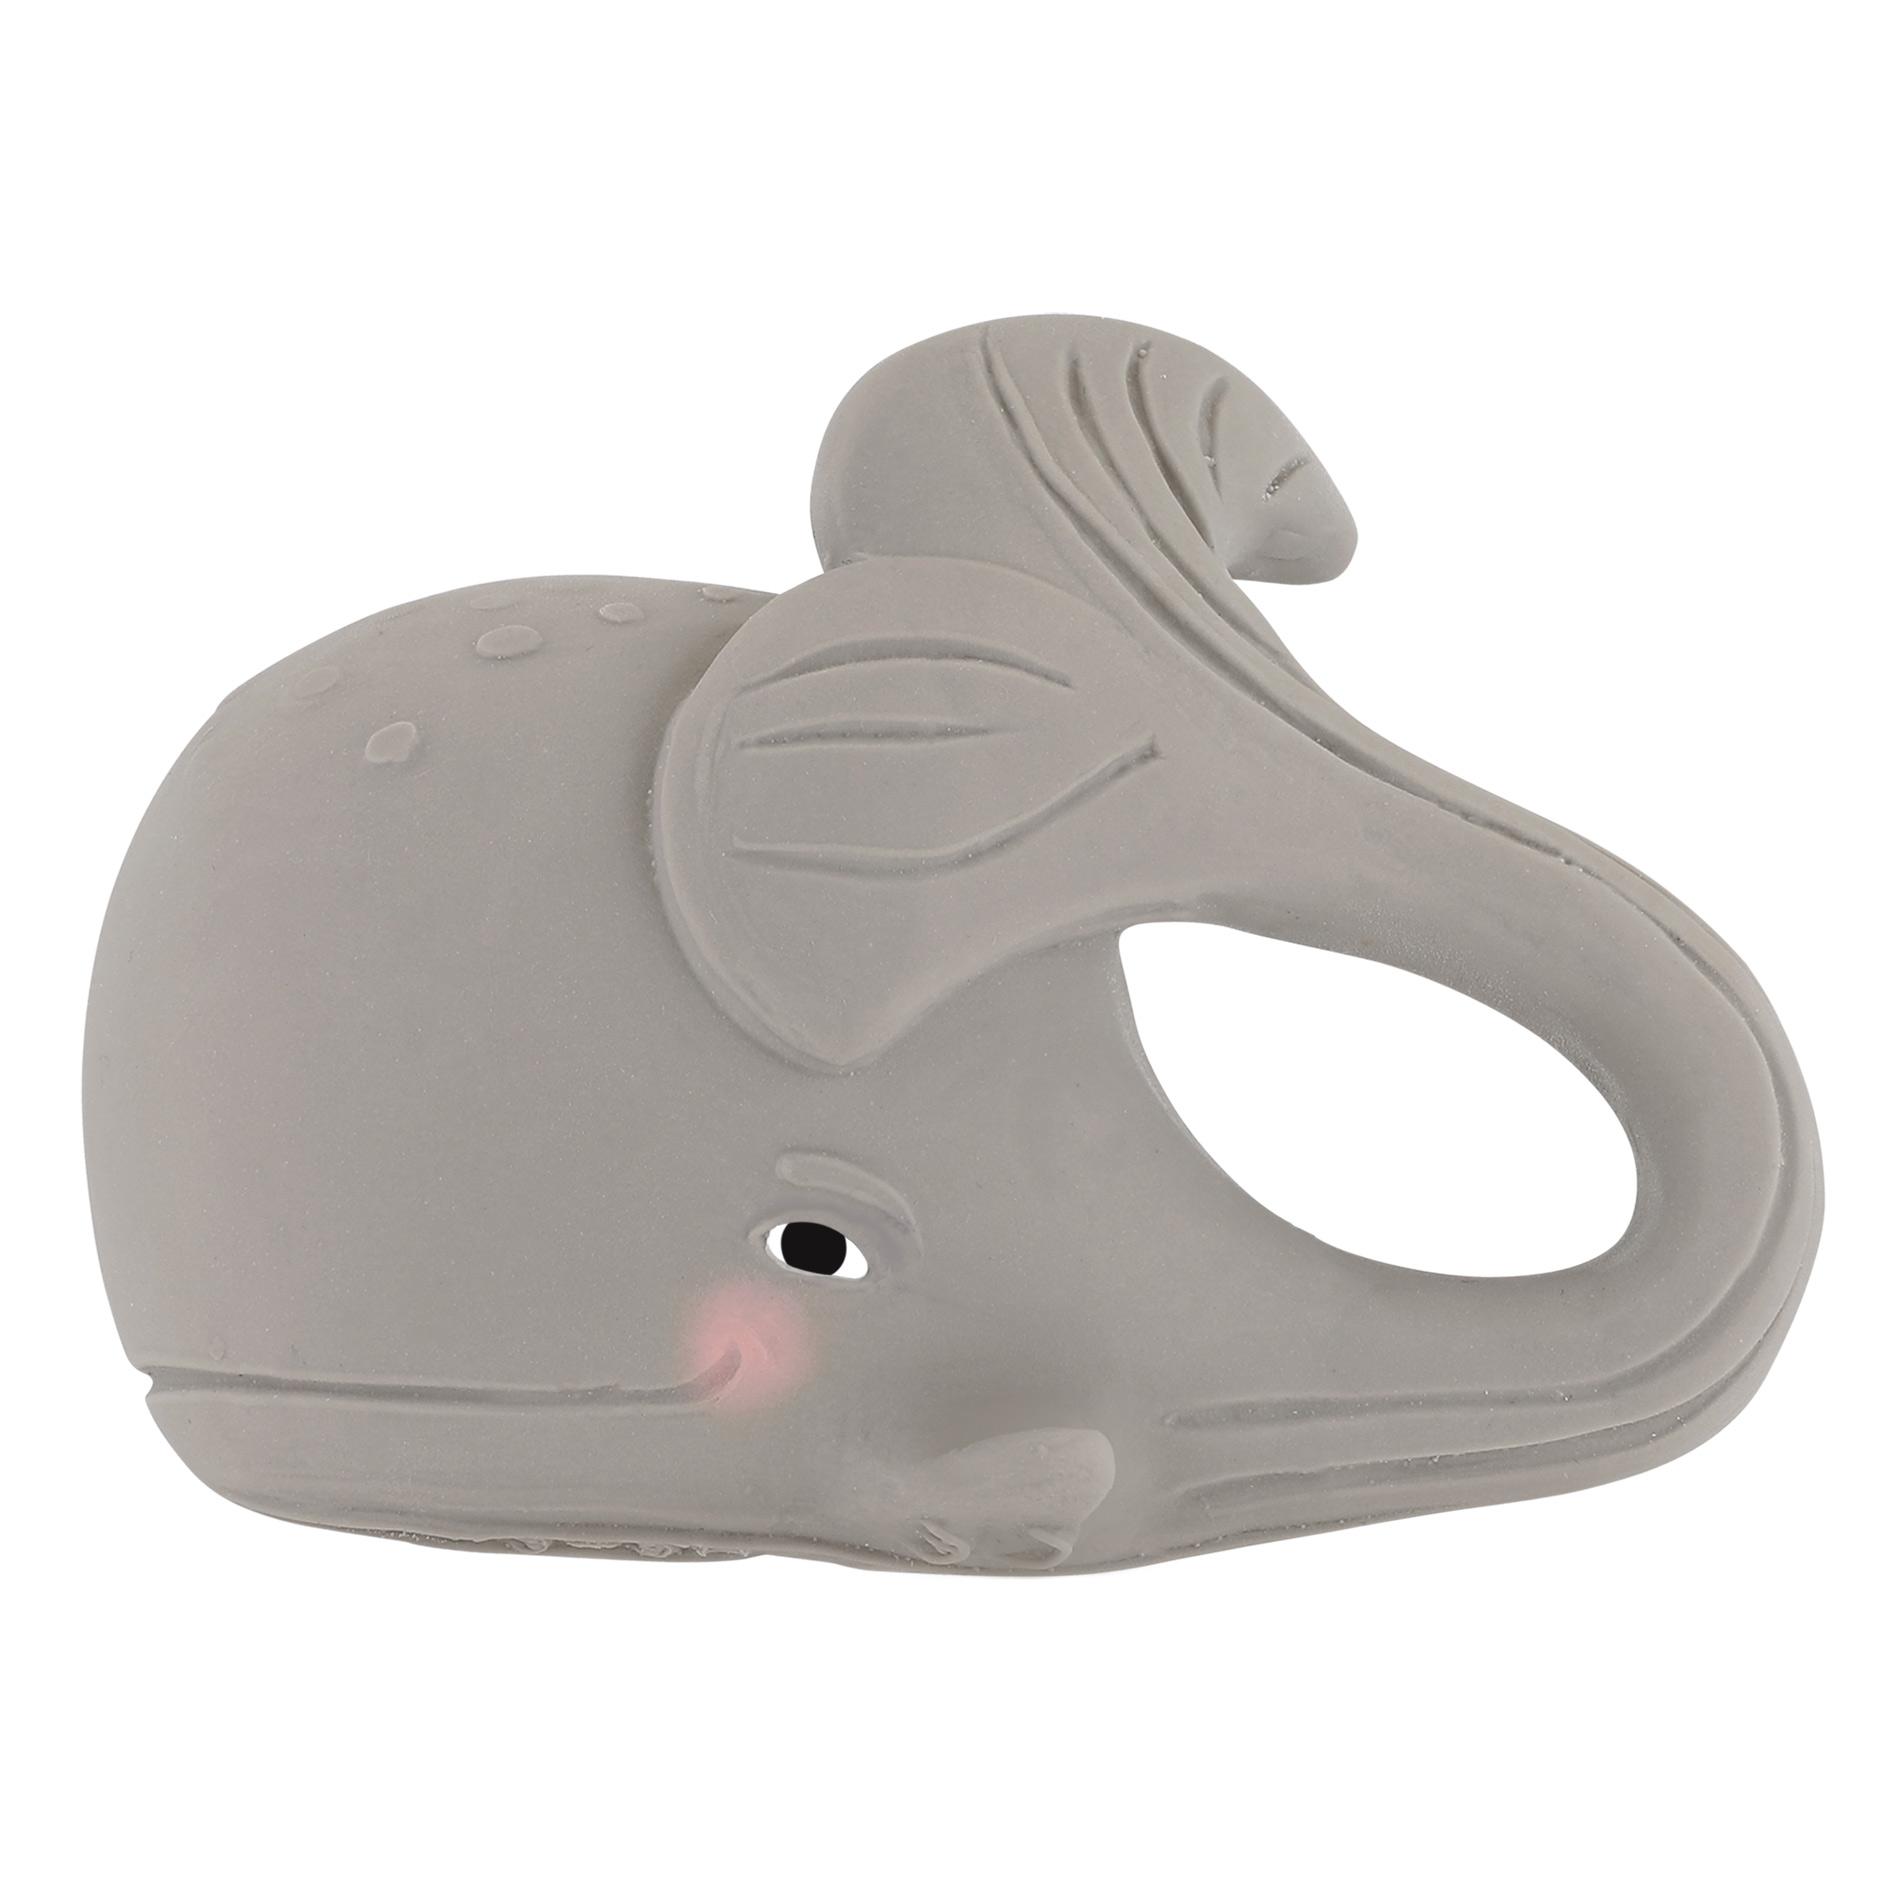 Gorm la baleine Hevea - Jouet apaisant pour les dents